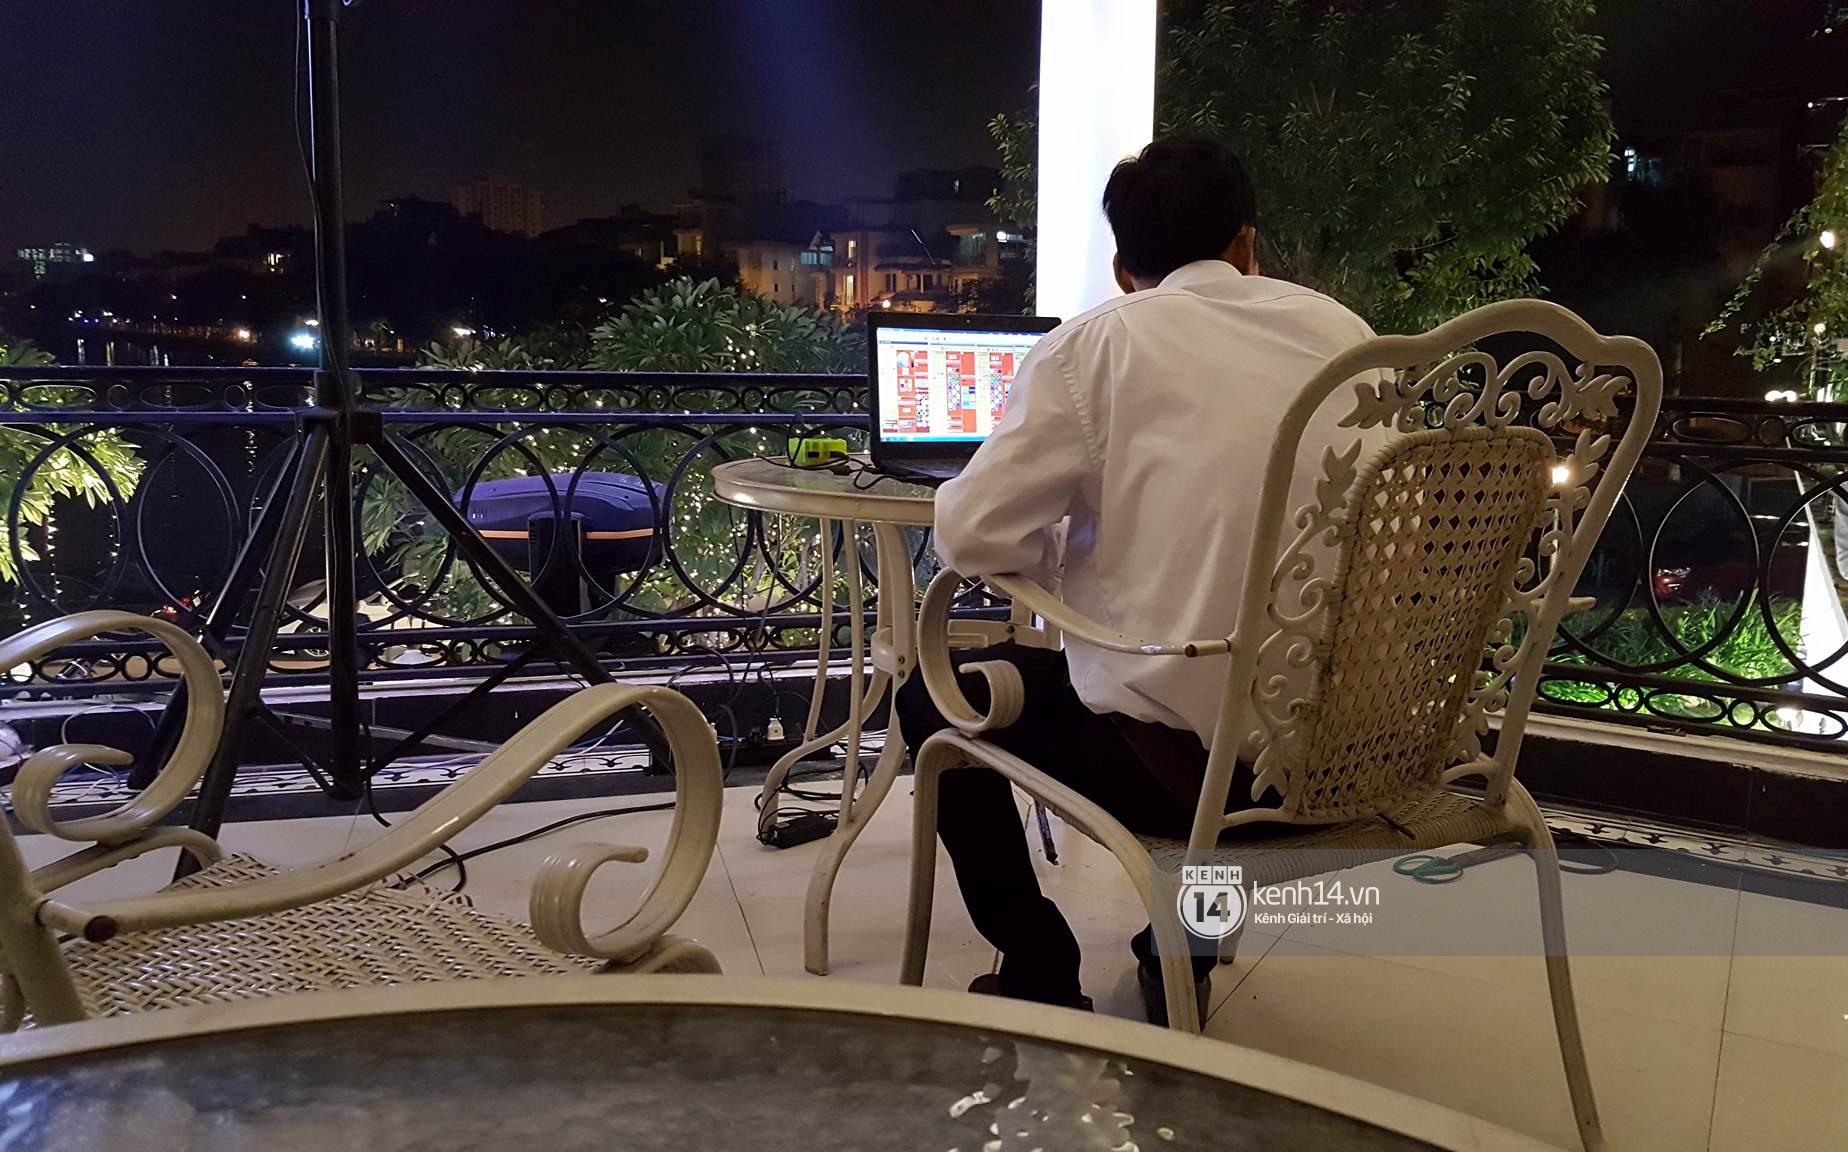 Đám cưới MC Mai Ngọc: Không gian lộng lẫy, cầu kỳ, xứng đáng là đám cưới sang chảnh nhất Hà Nội hôm nay - Ảnh 6.